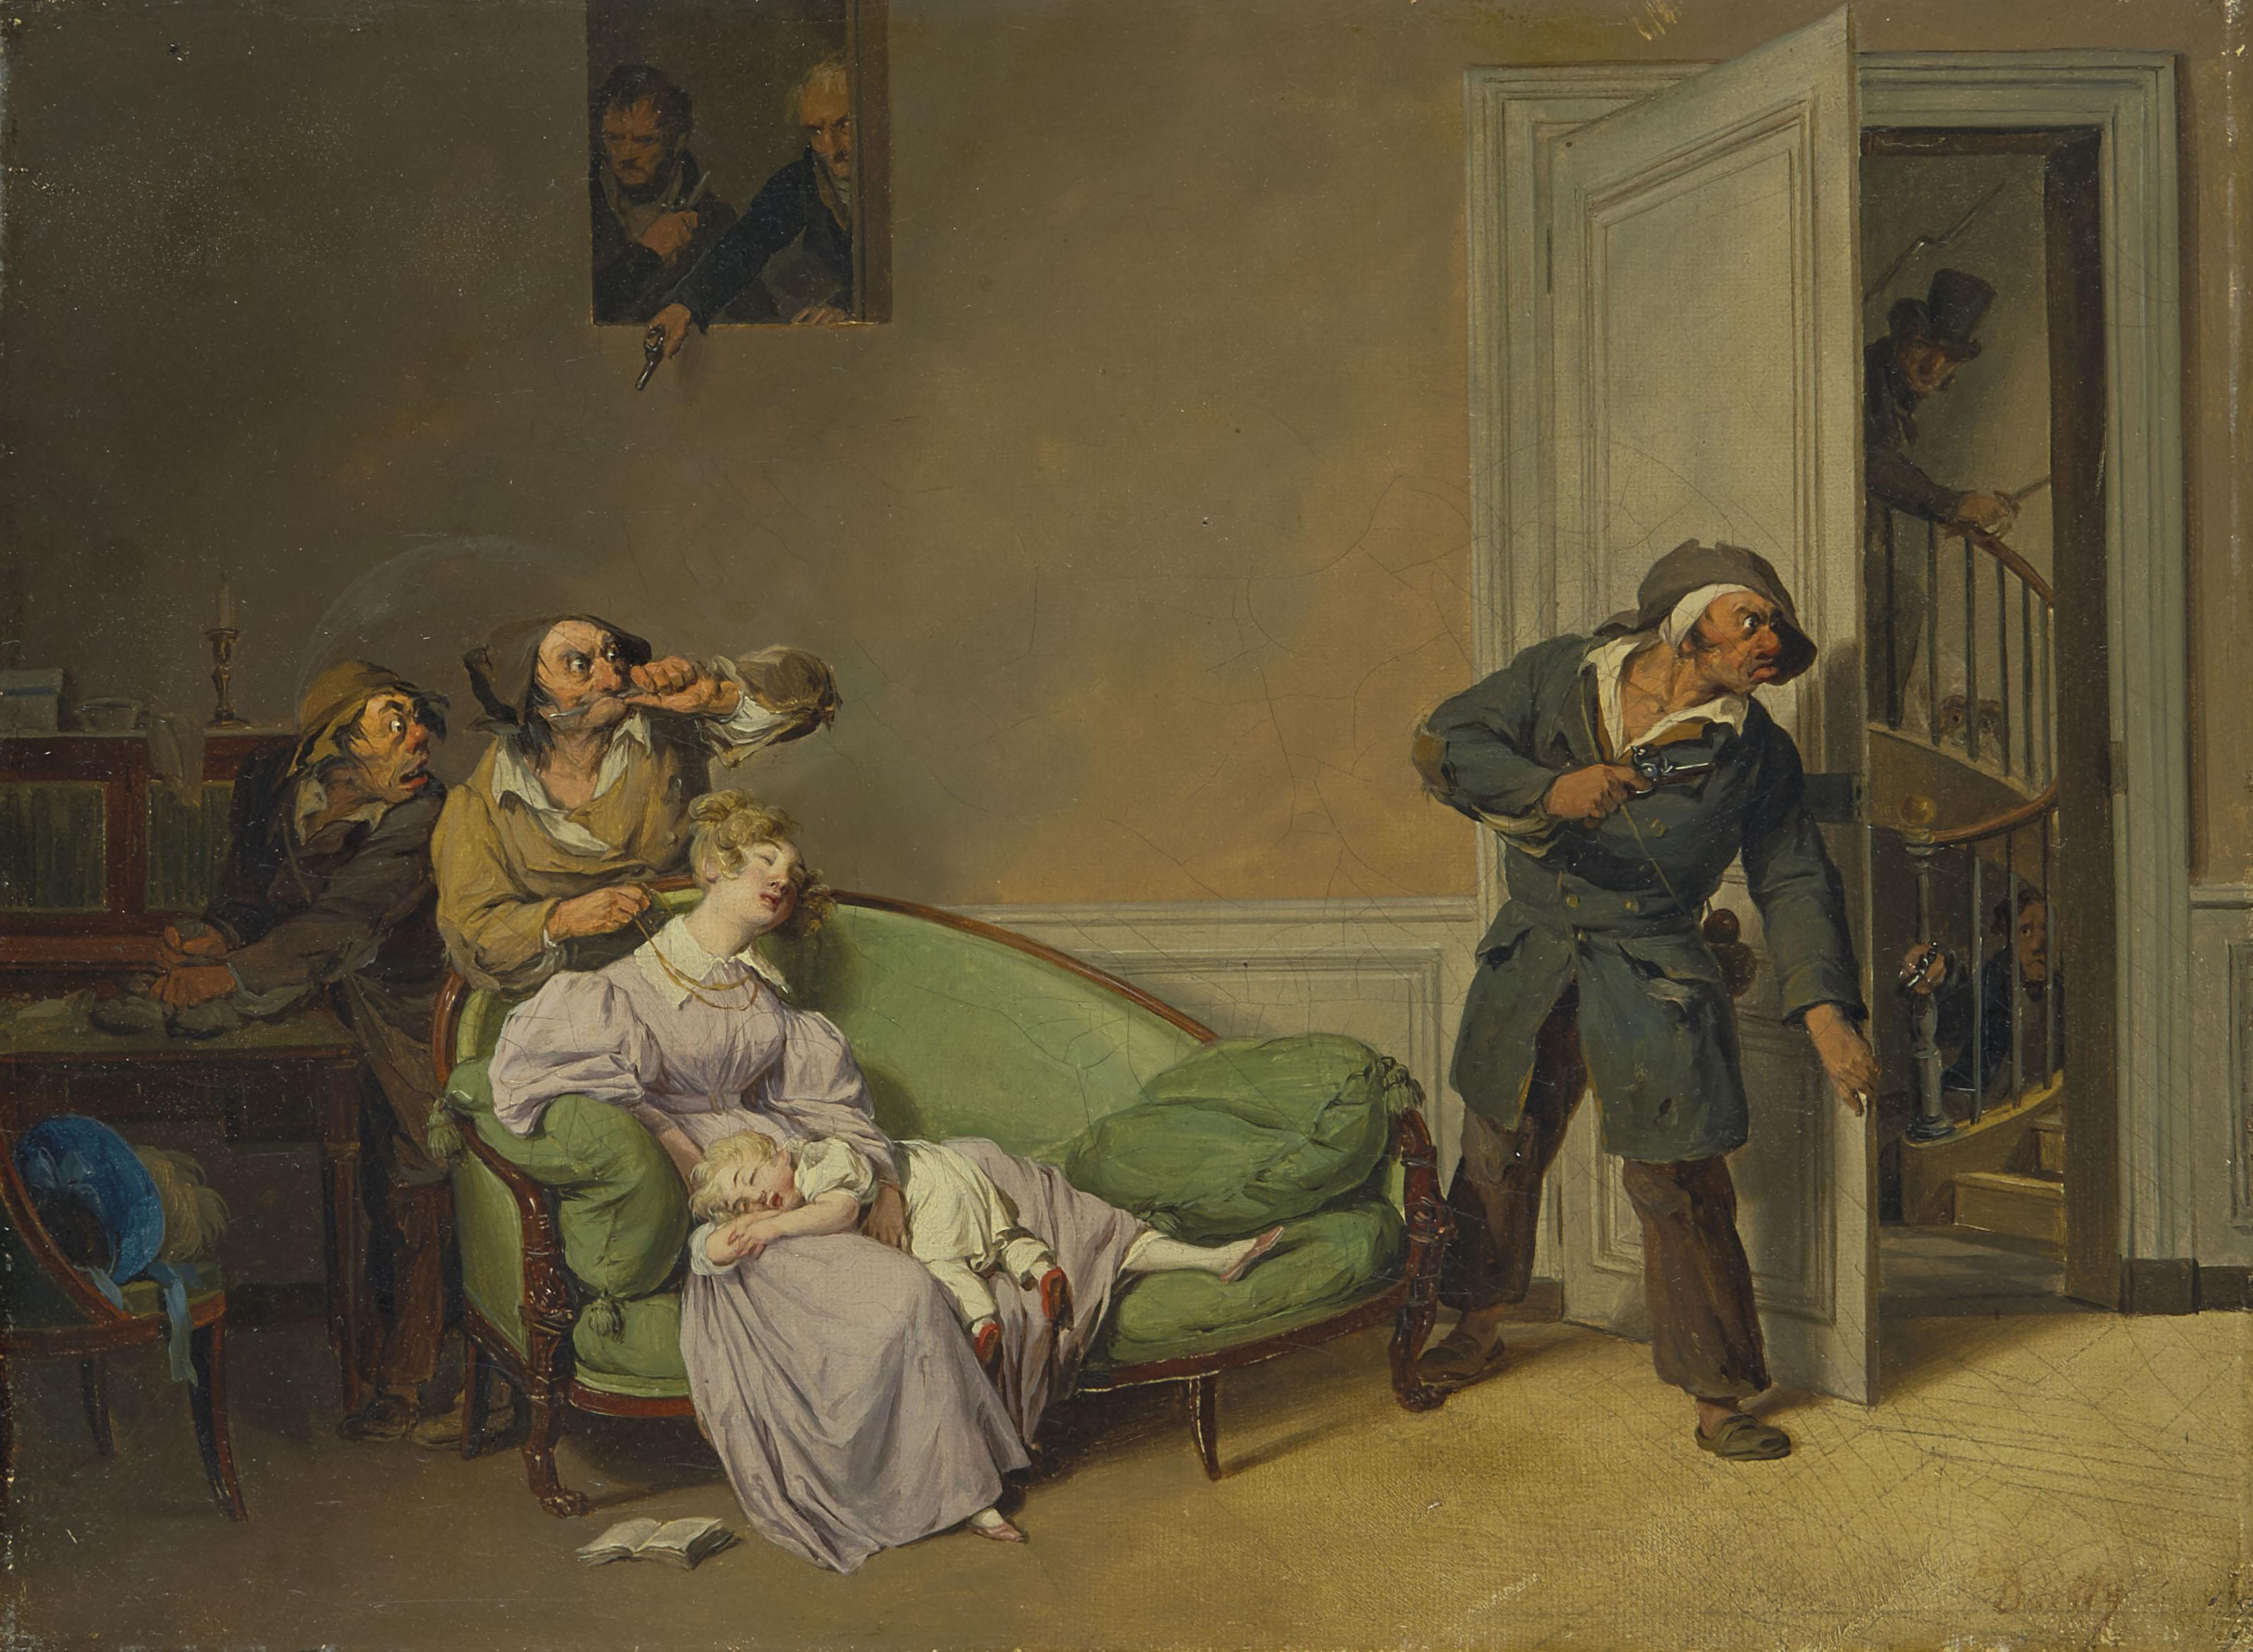 boilly 1825-30 premiere scene_de_voleurs